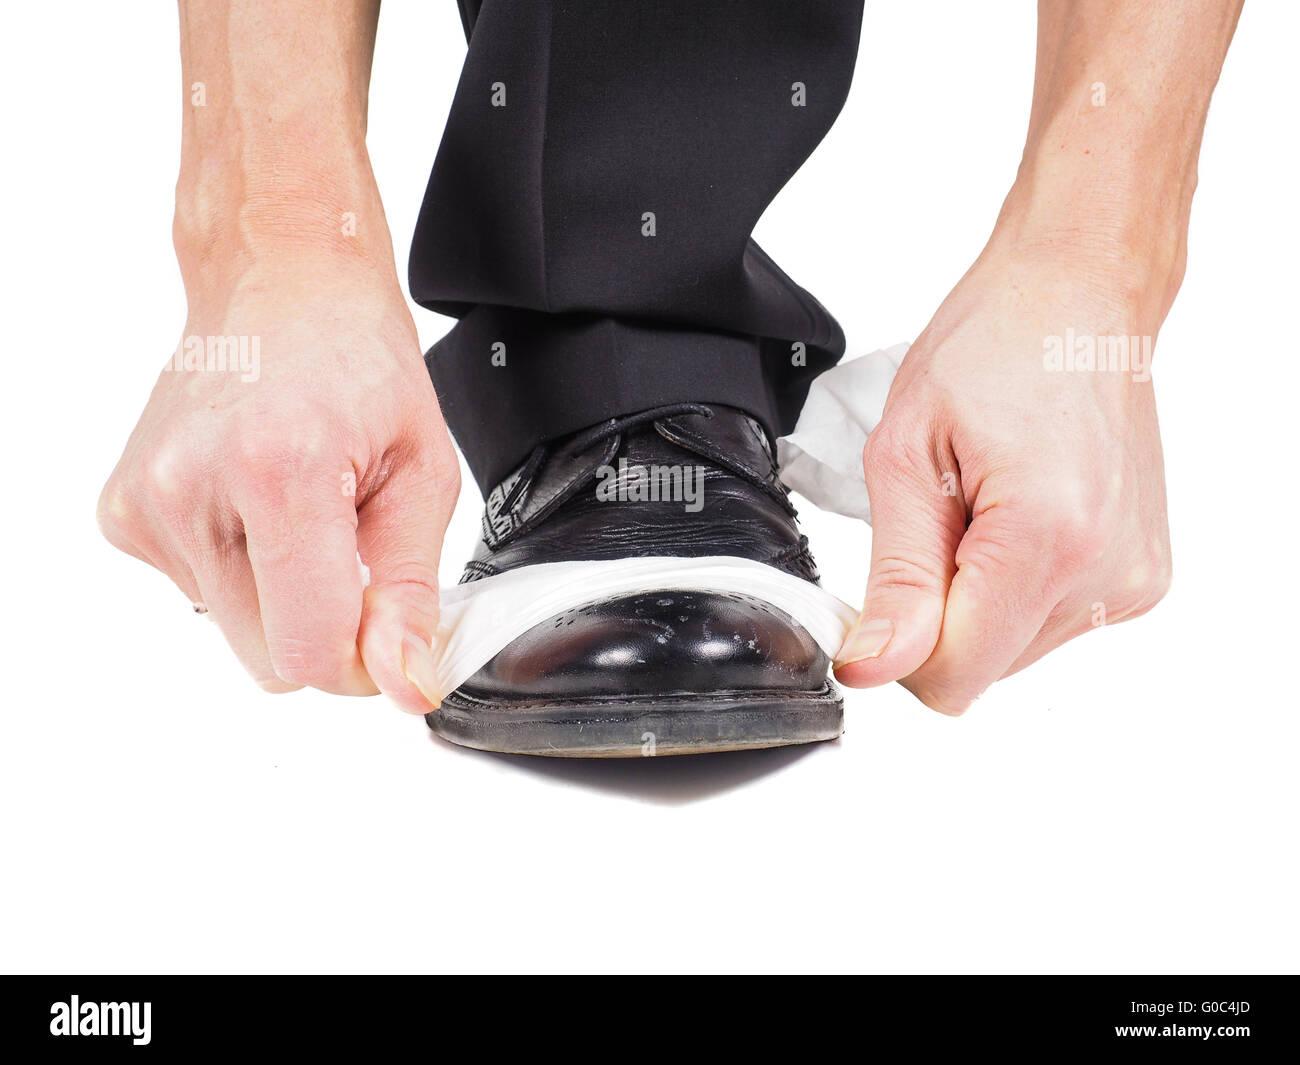 Shoe shining, black leather shoe - Stock Image